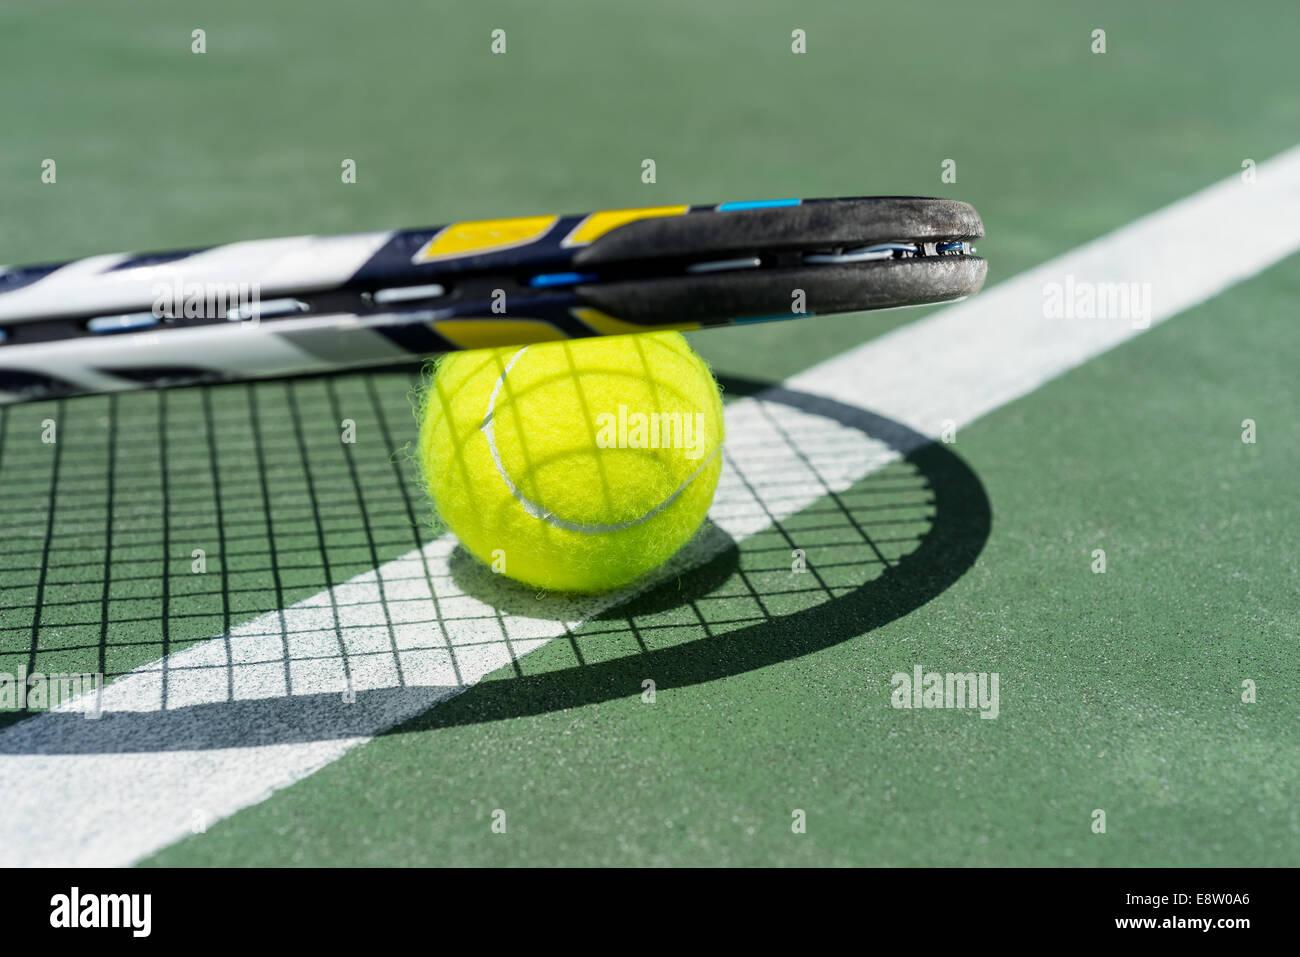 Vue rapprochée de raquette de tennis et de boules sur le court de tennis en terre battue Photo Stock